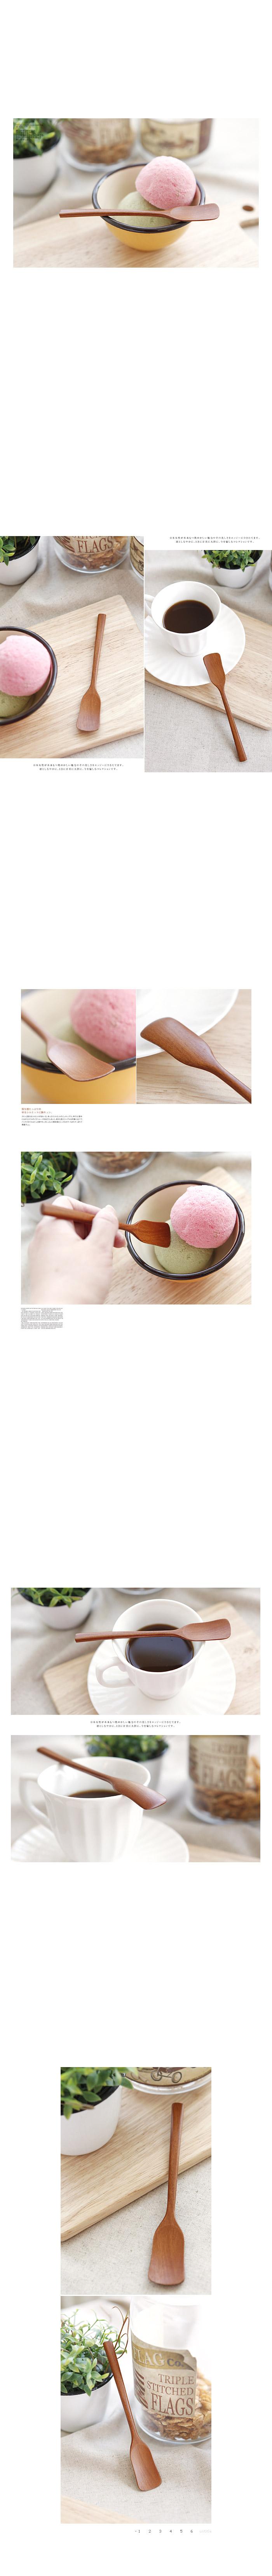 옻칠 아이스크림스푼 - 안나하우스, 3,100원, 숟가락/젓가락/스틱, 숟가락/젓가락 세트